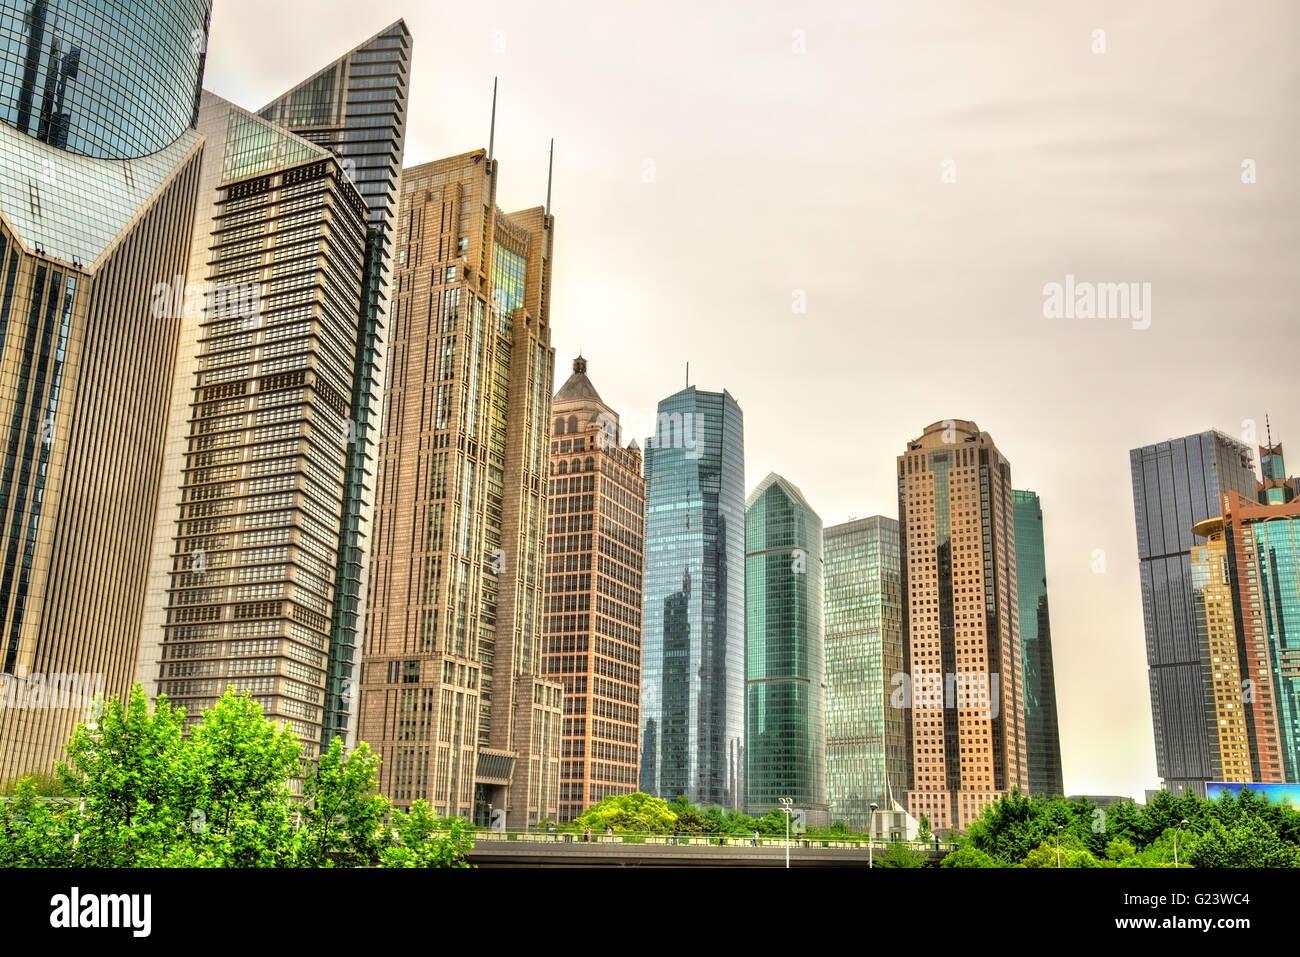 Shanghai rascacielos en el distrito financiero de Lujiazui Imagen De Stock